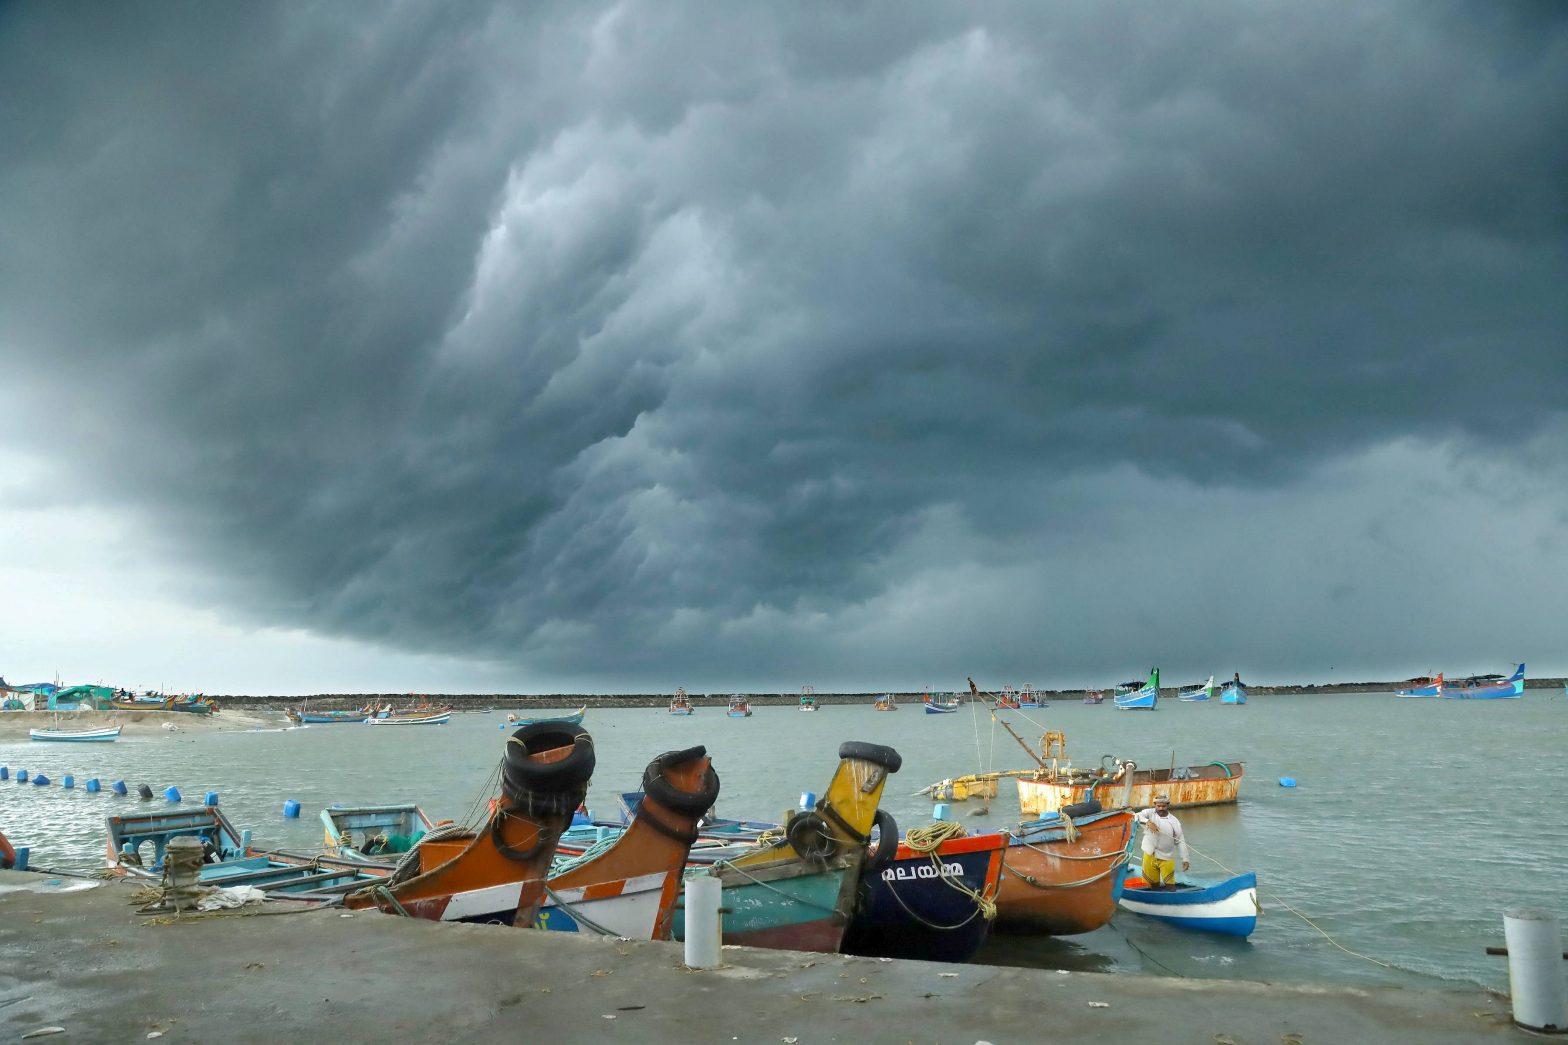 Cyclone Yaas to hit West Bengal, Odisha | പശ്ചിമ ബംഗാളിലും, ഒഡീഷയിലും യാസ് ചുഴലിക്കാറ്റ്_40.1